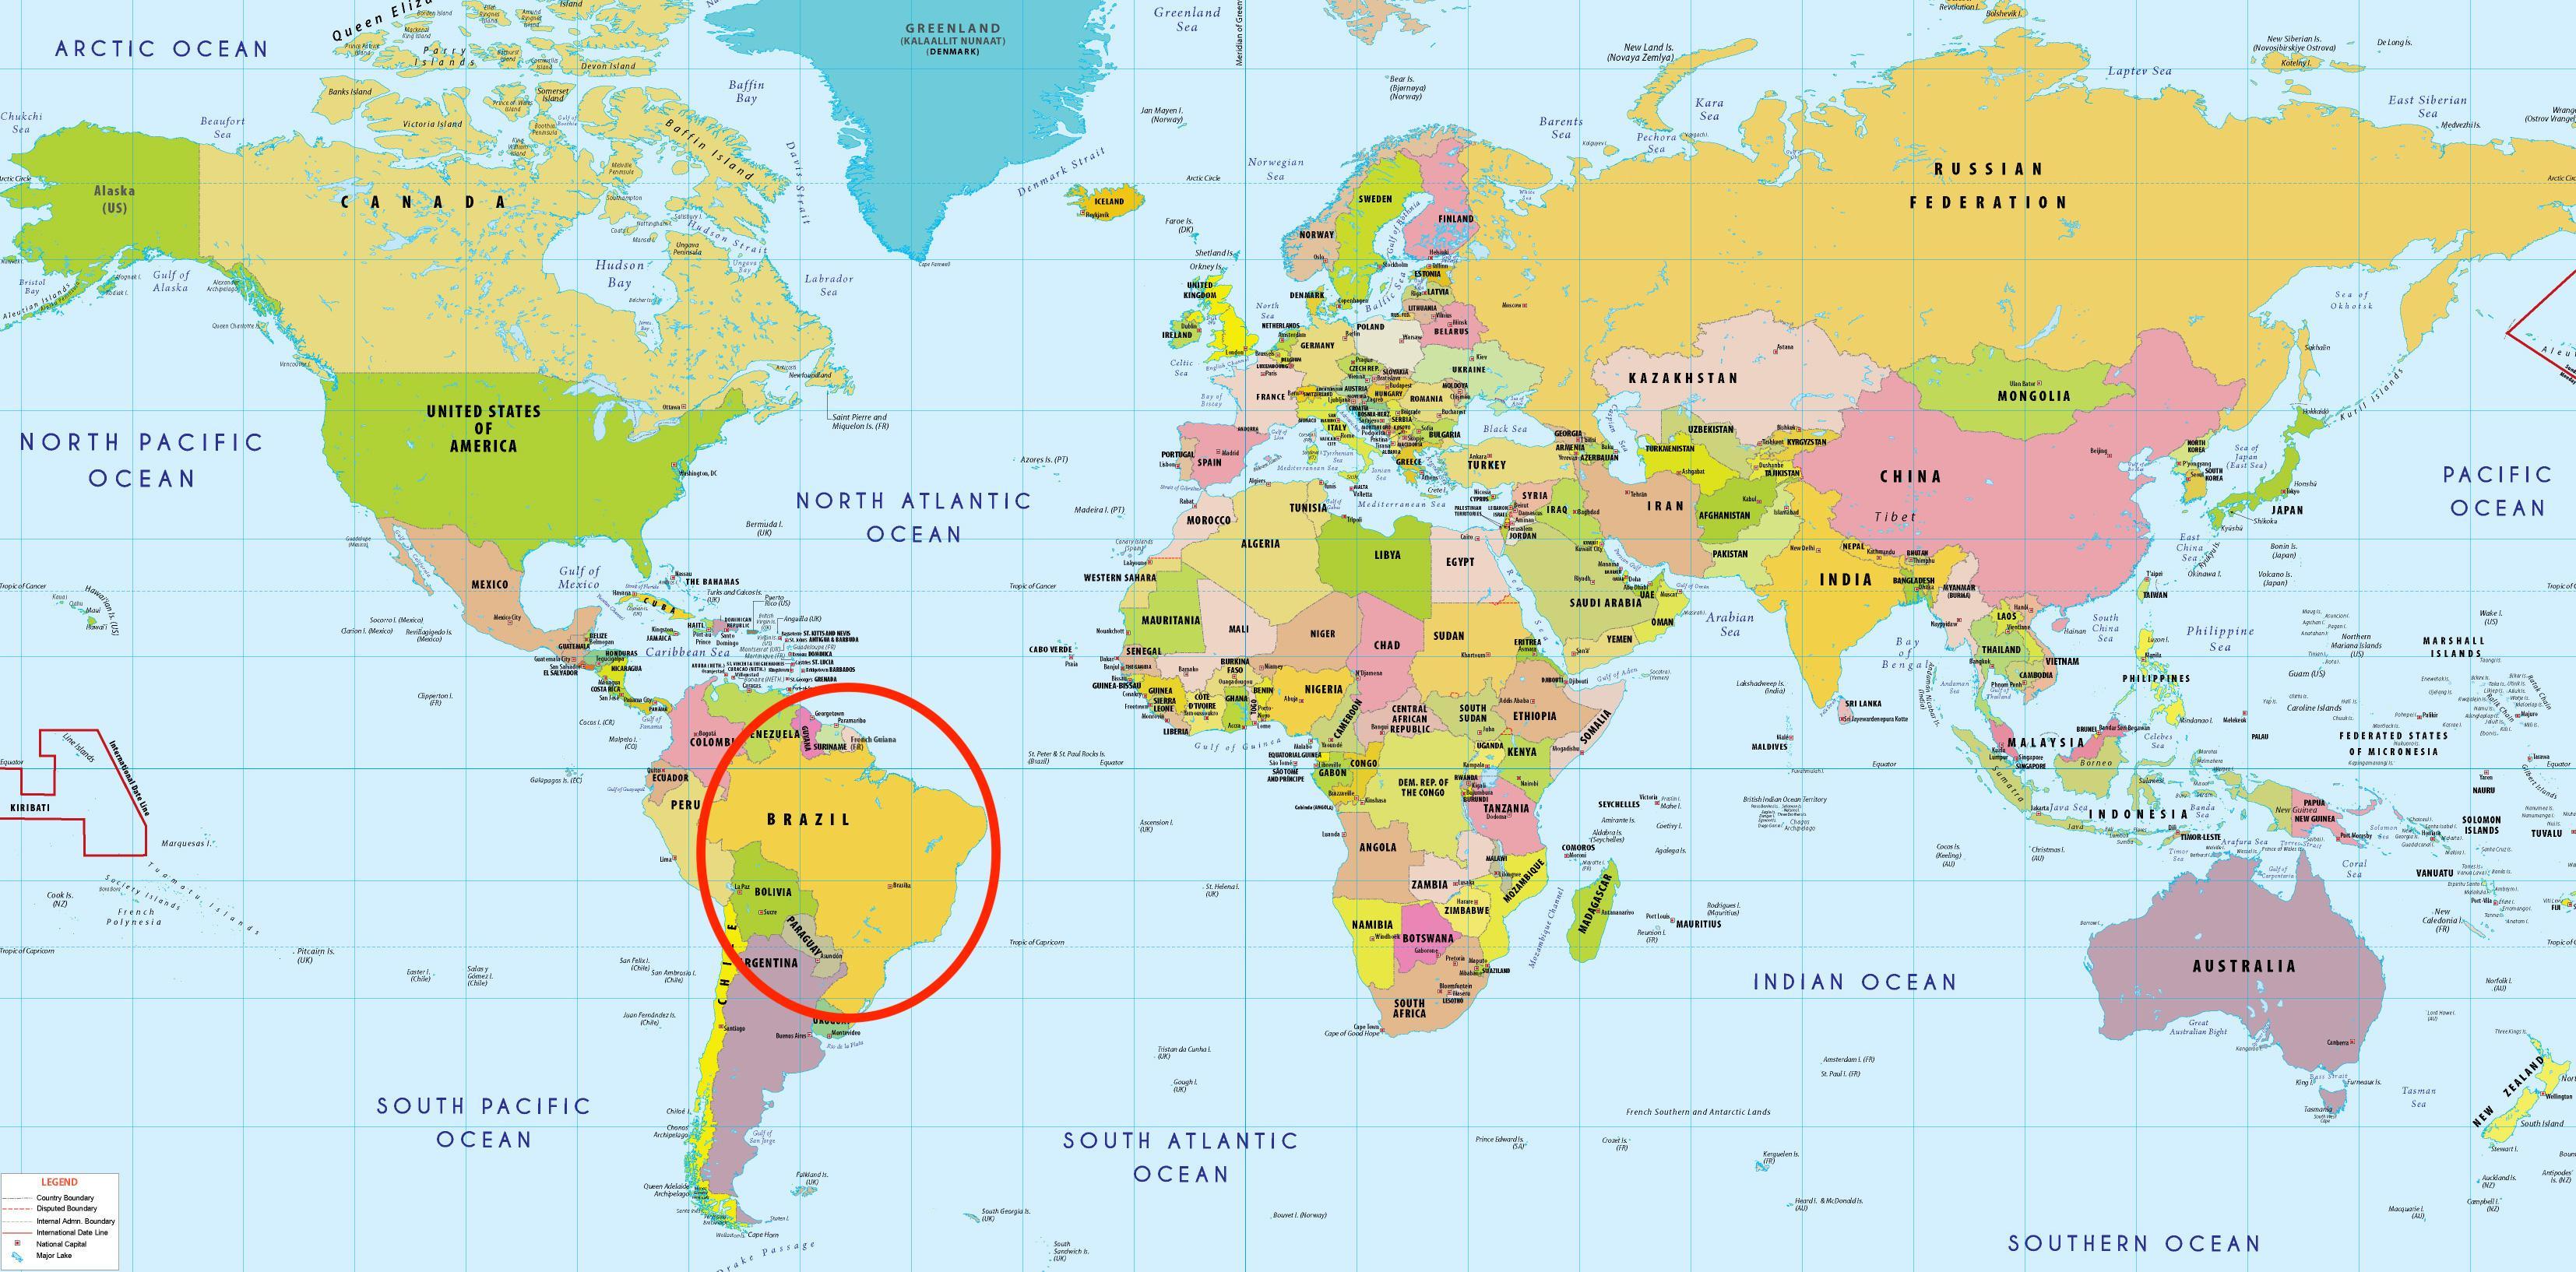 Brasilien Karte Welt.Brasilien Welt Karte Brasilien In World Map South America